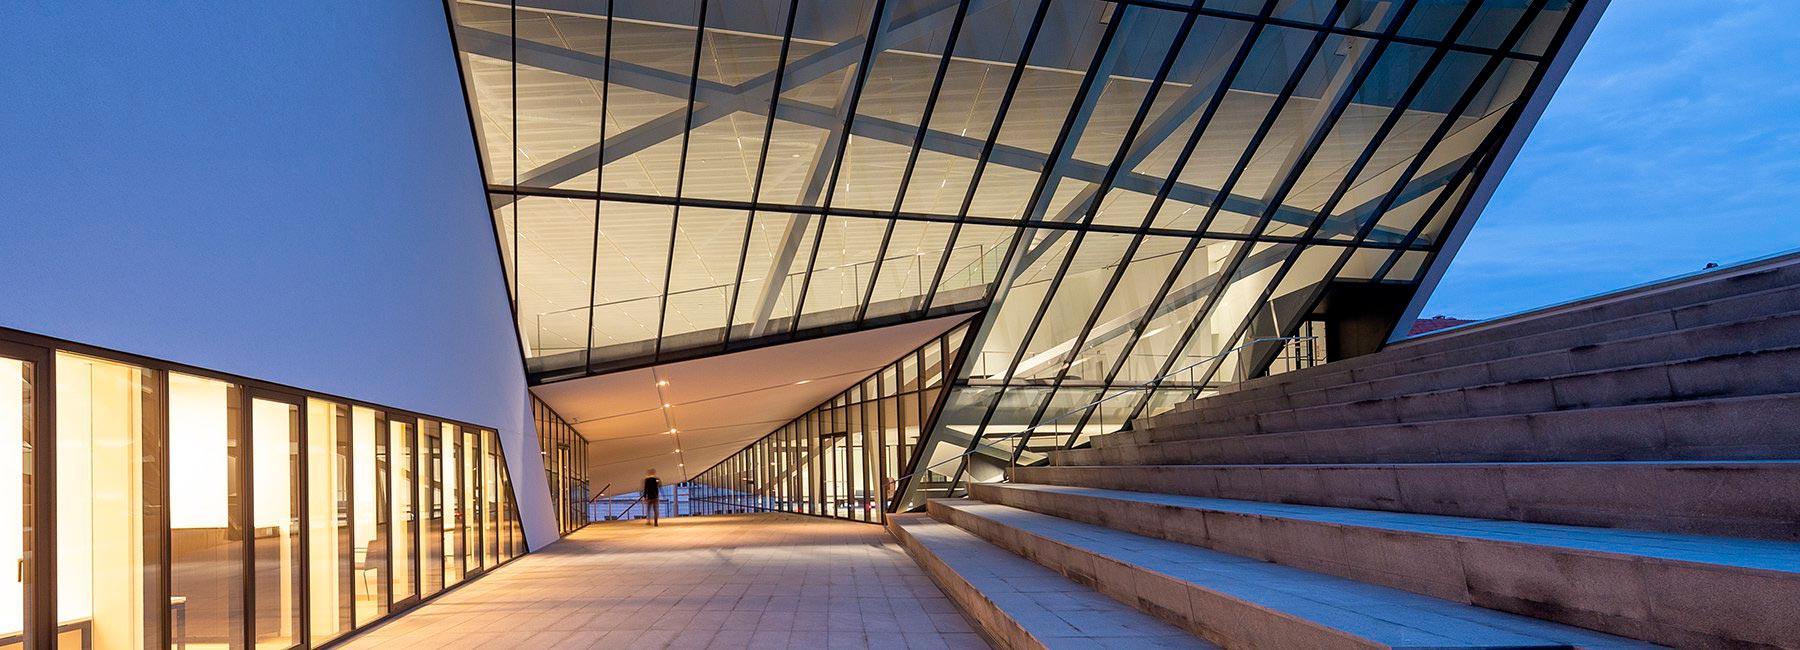 В Литве открылся музей современного искусства MO в здании, спроектированном Даниэлем Либескиндом